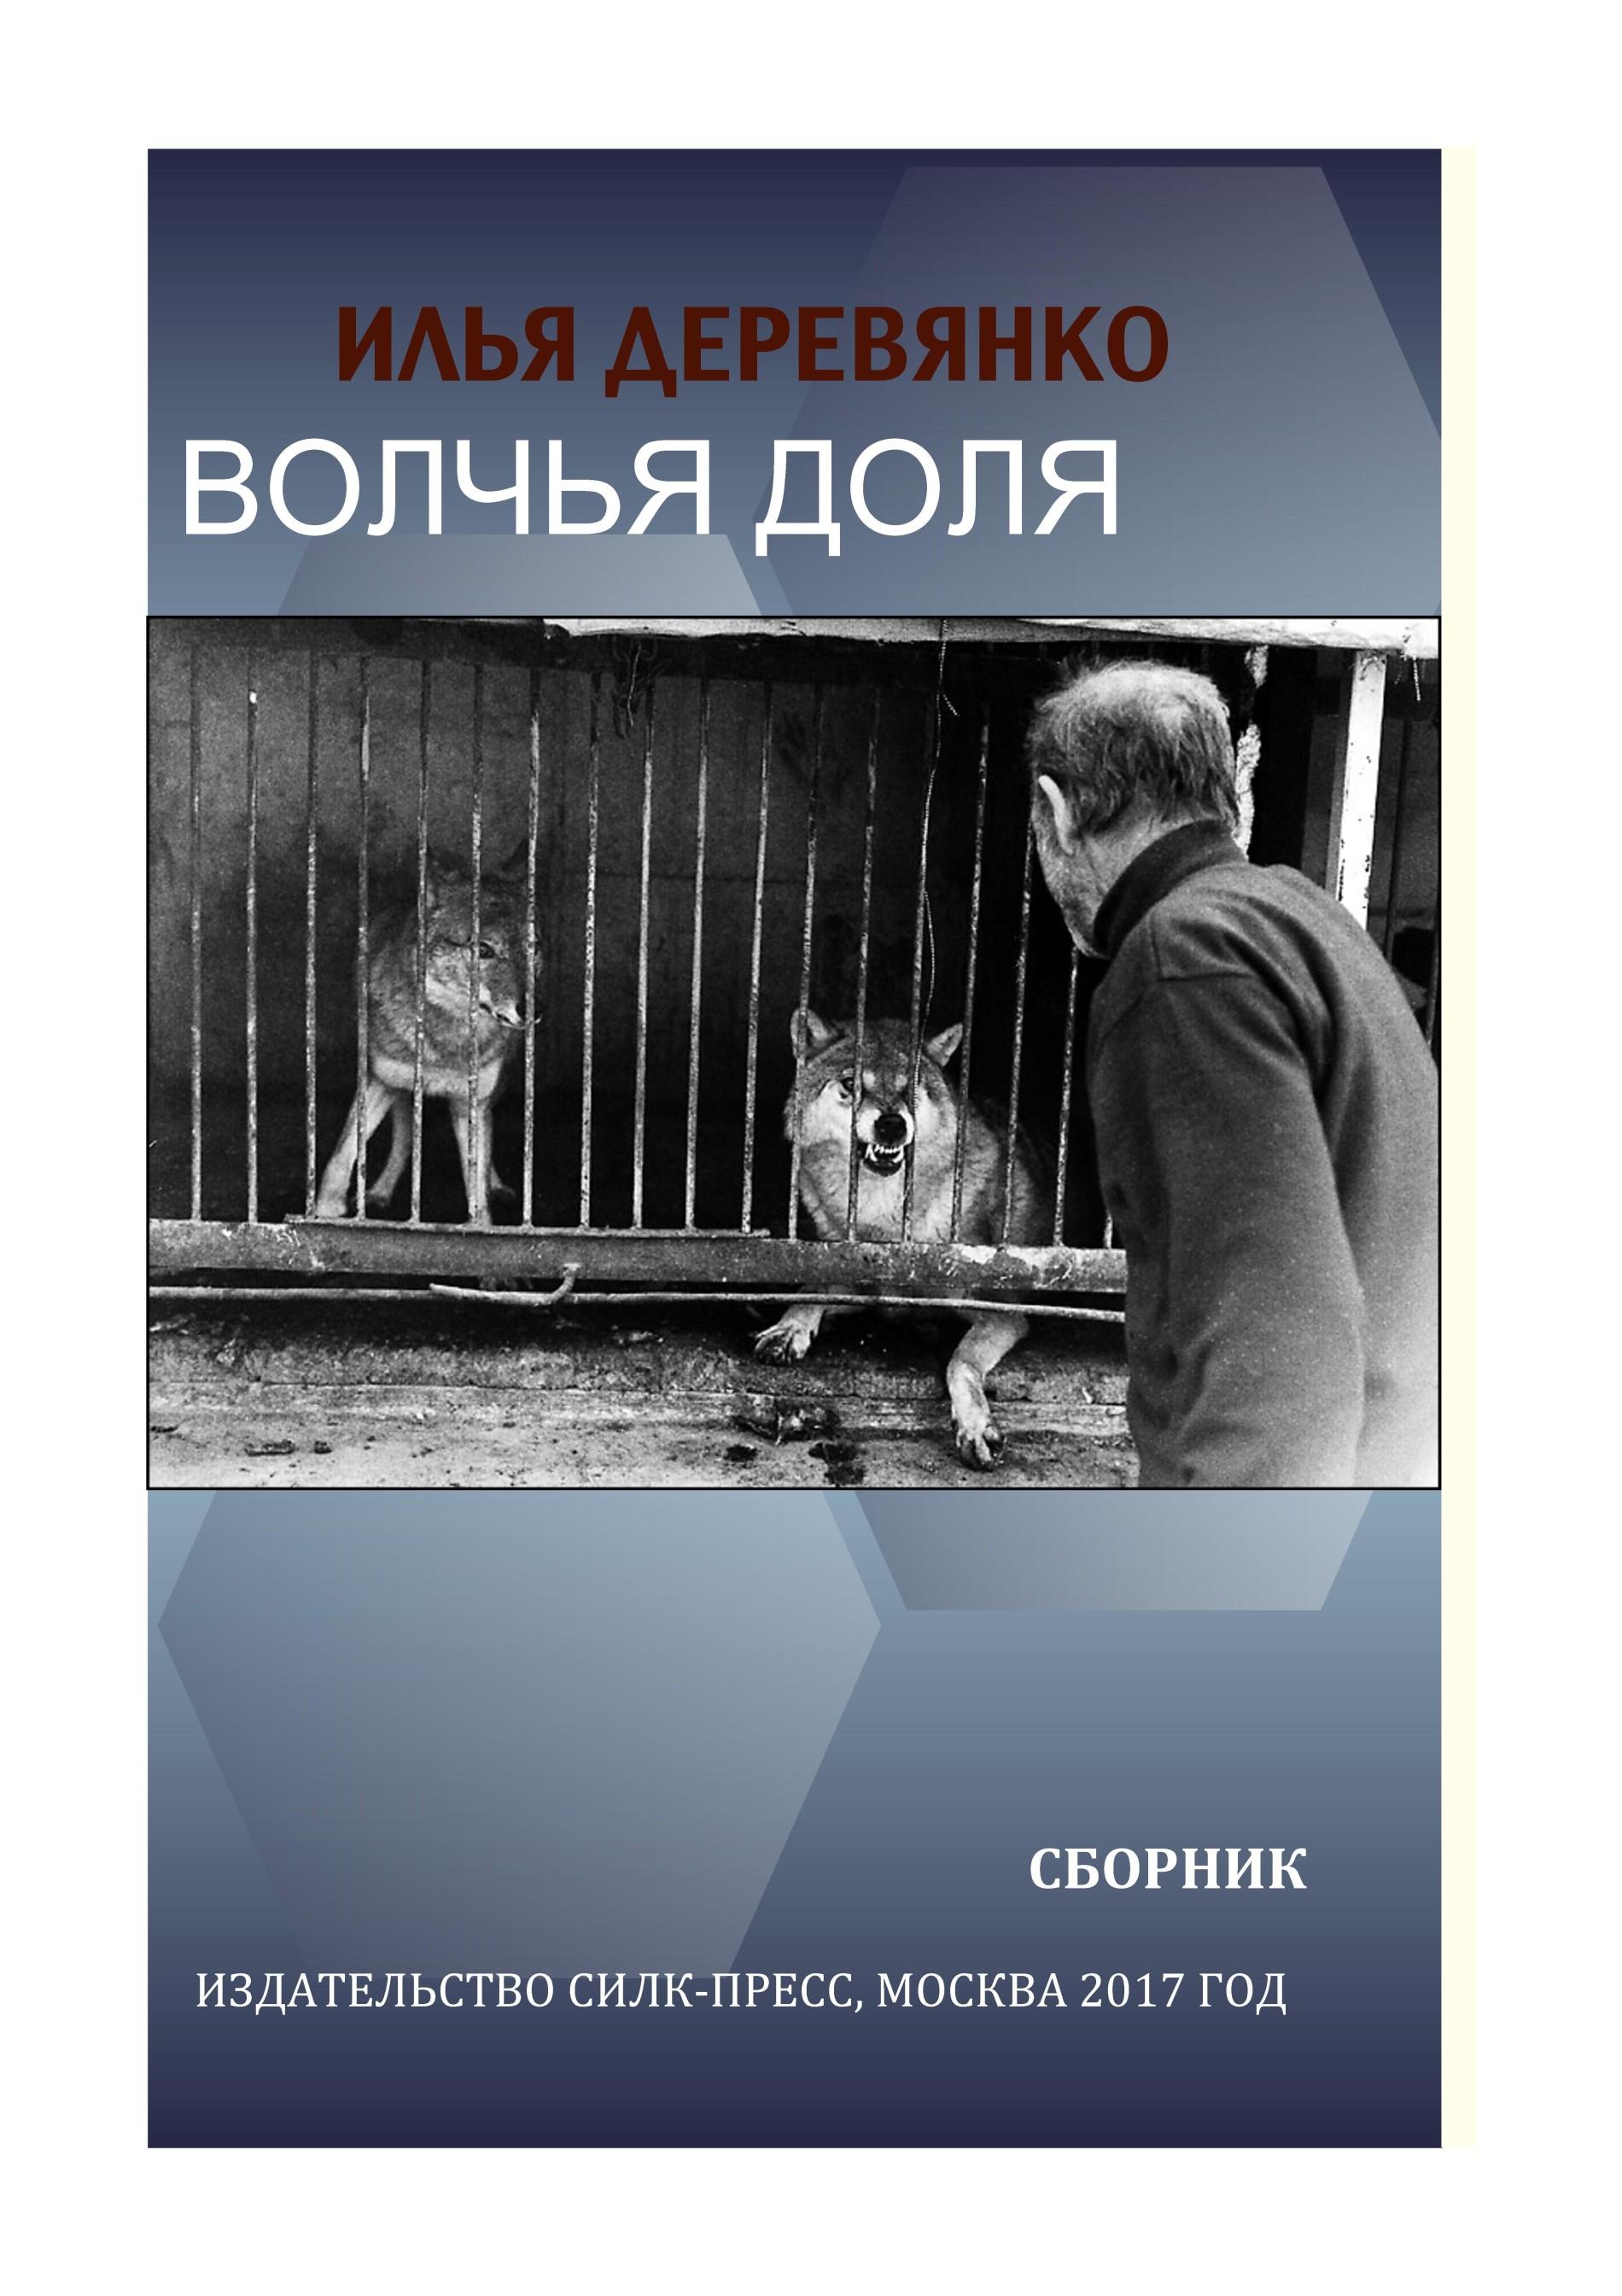 Илья Деревянко Волчья доля (сборник) илья деревянко кровь и честь сборник